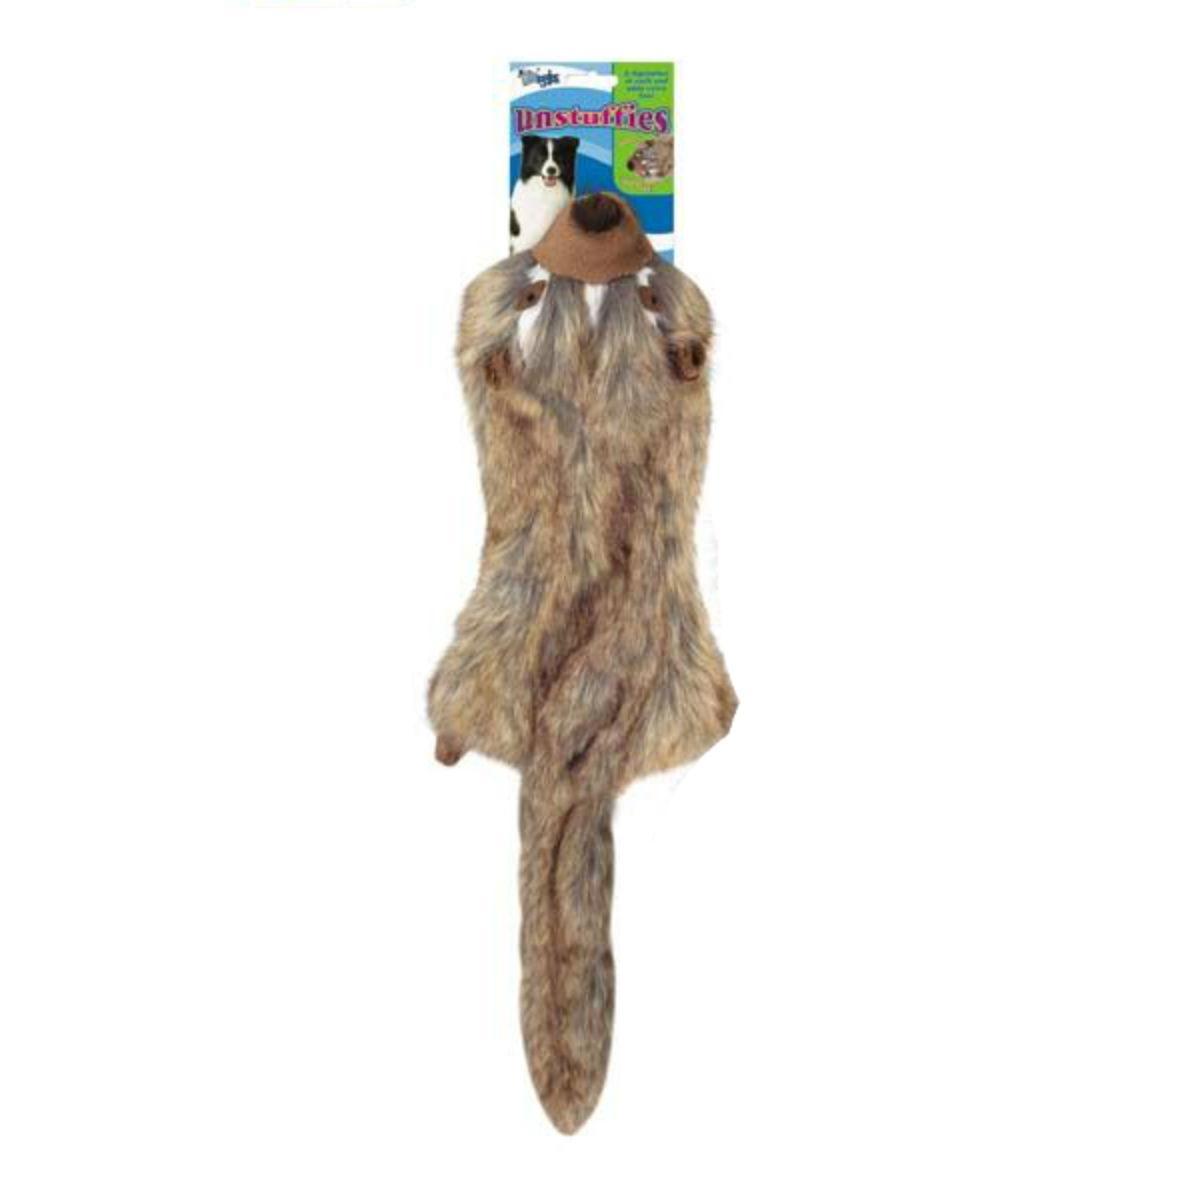 Grriggles Unstuffies Dog Toy - Badger